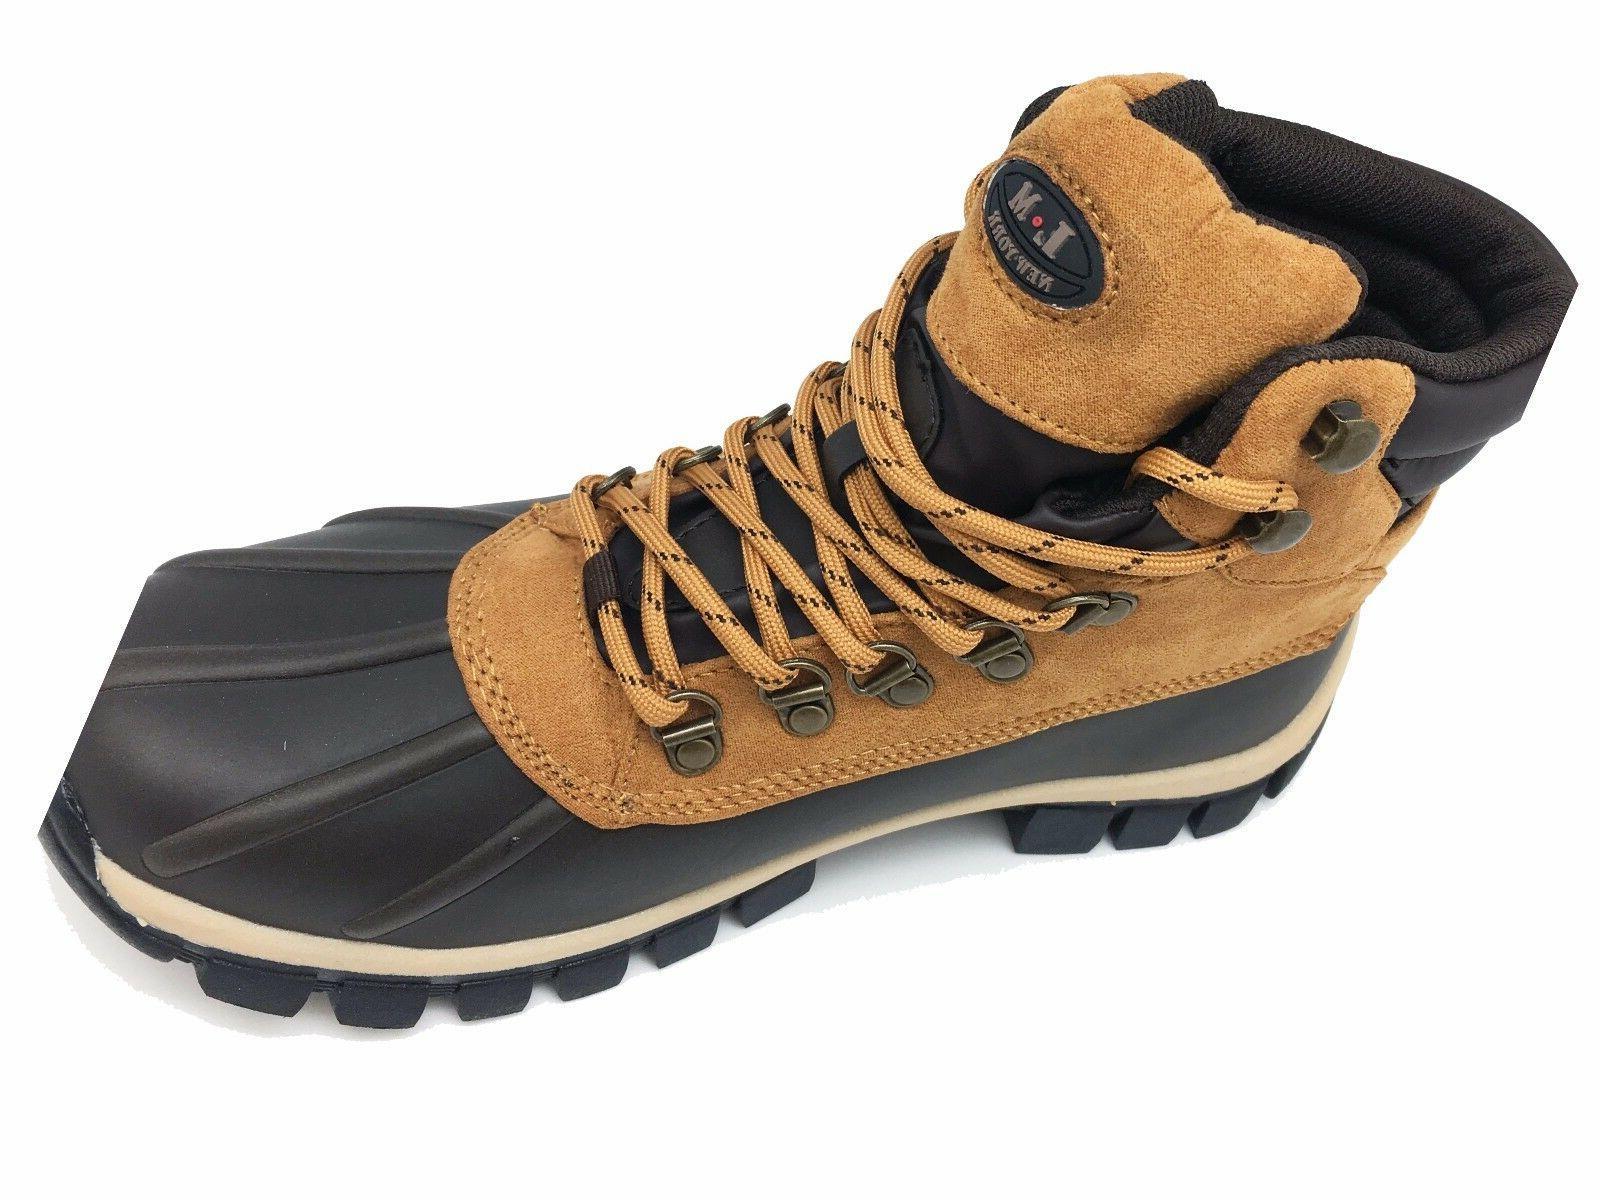 New Winter Men's Boots 2017